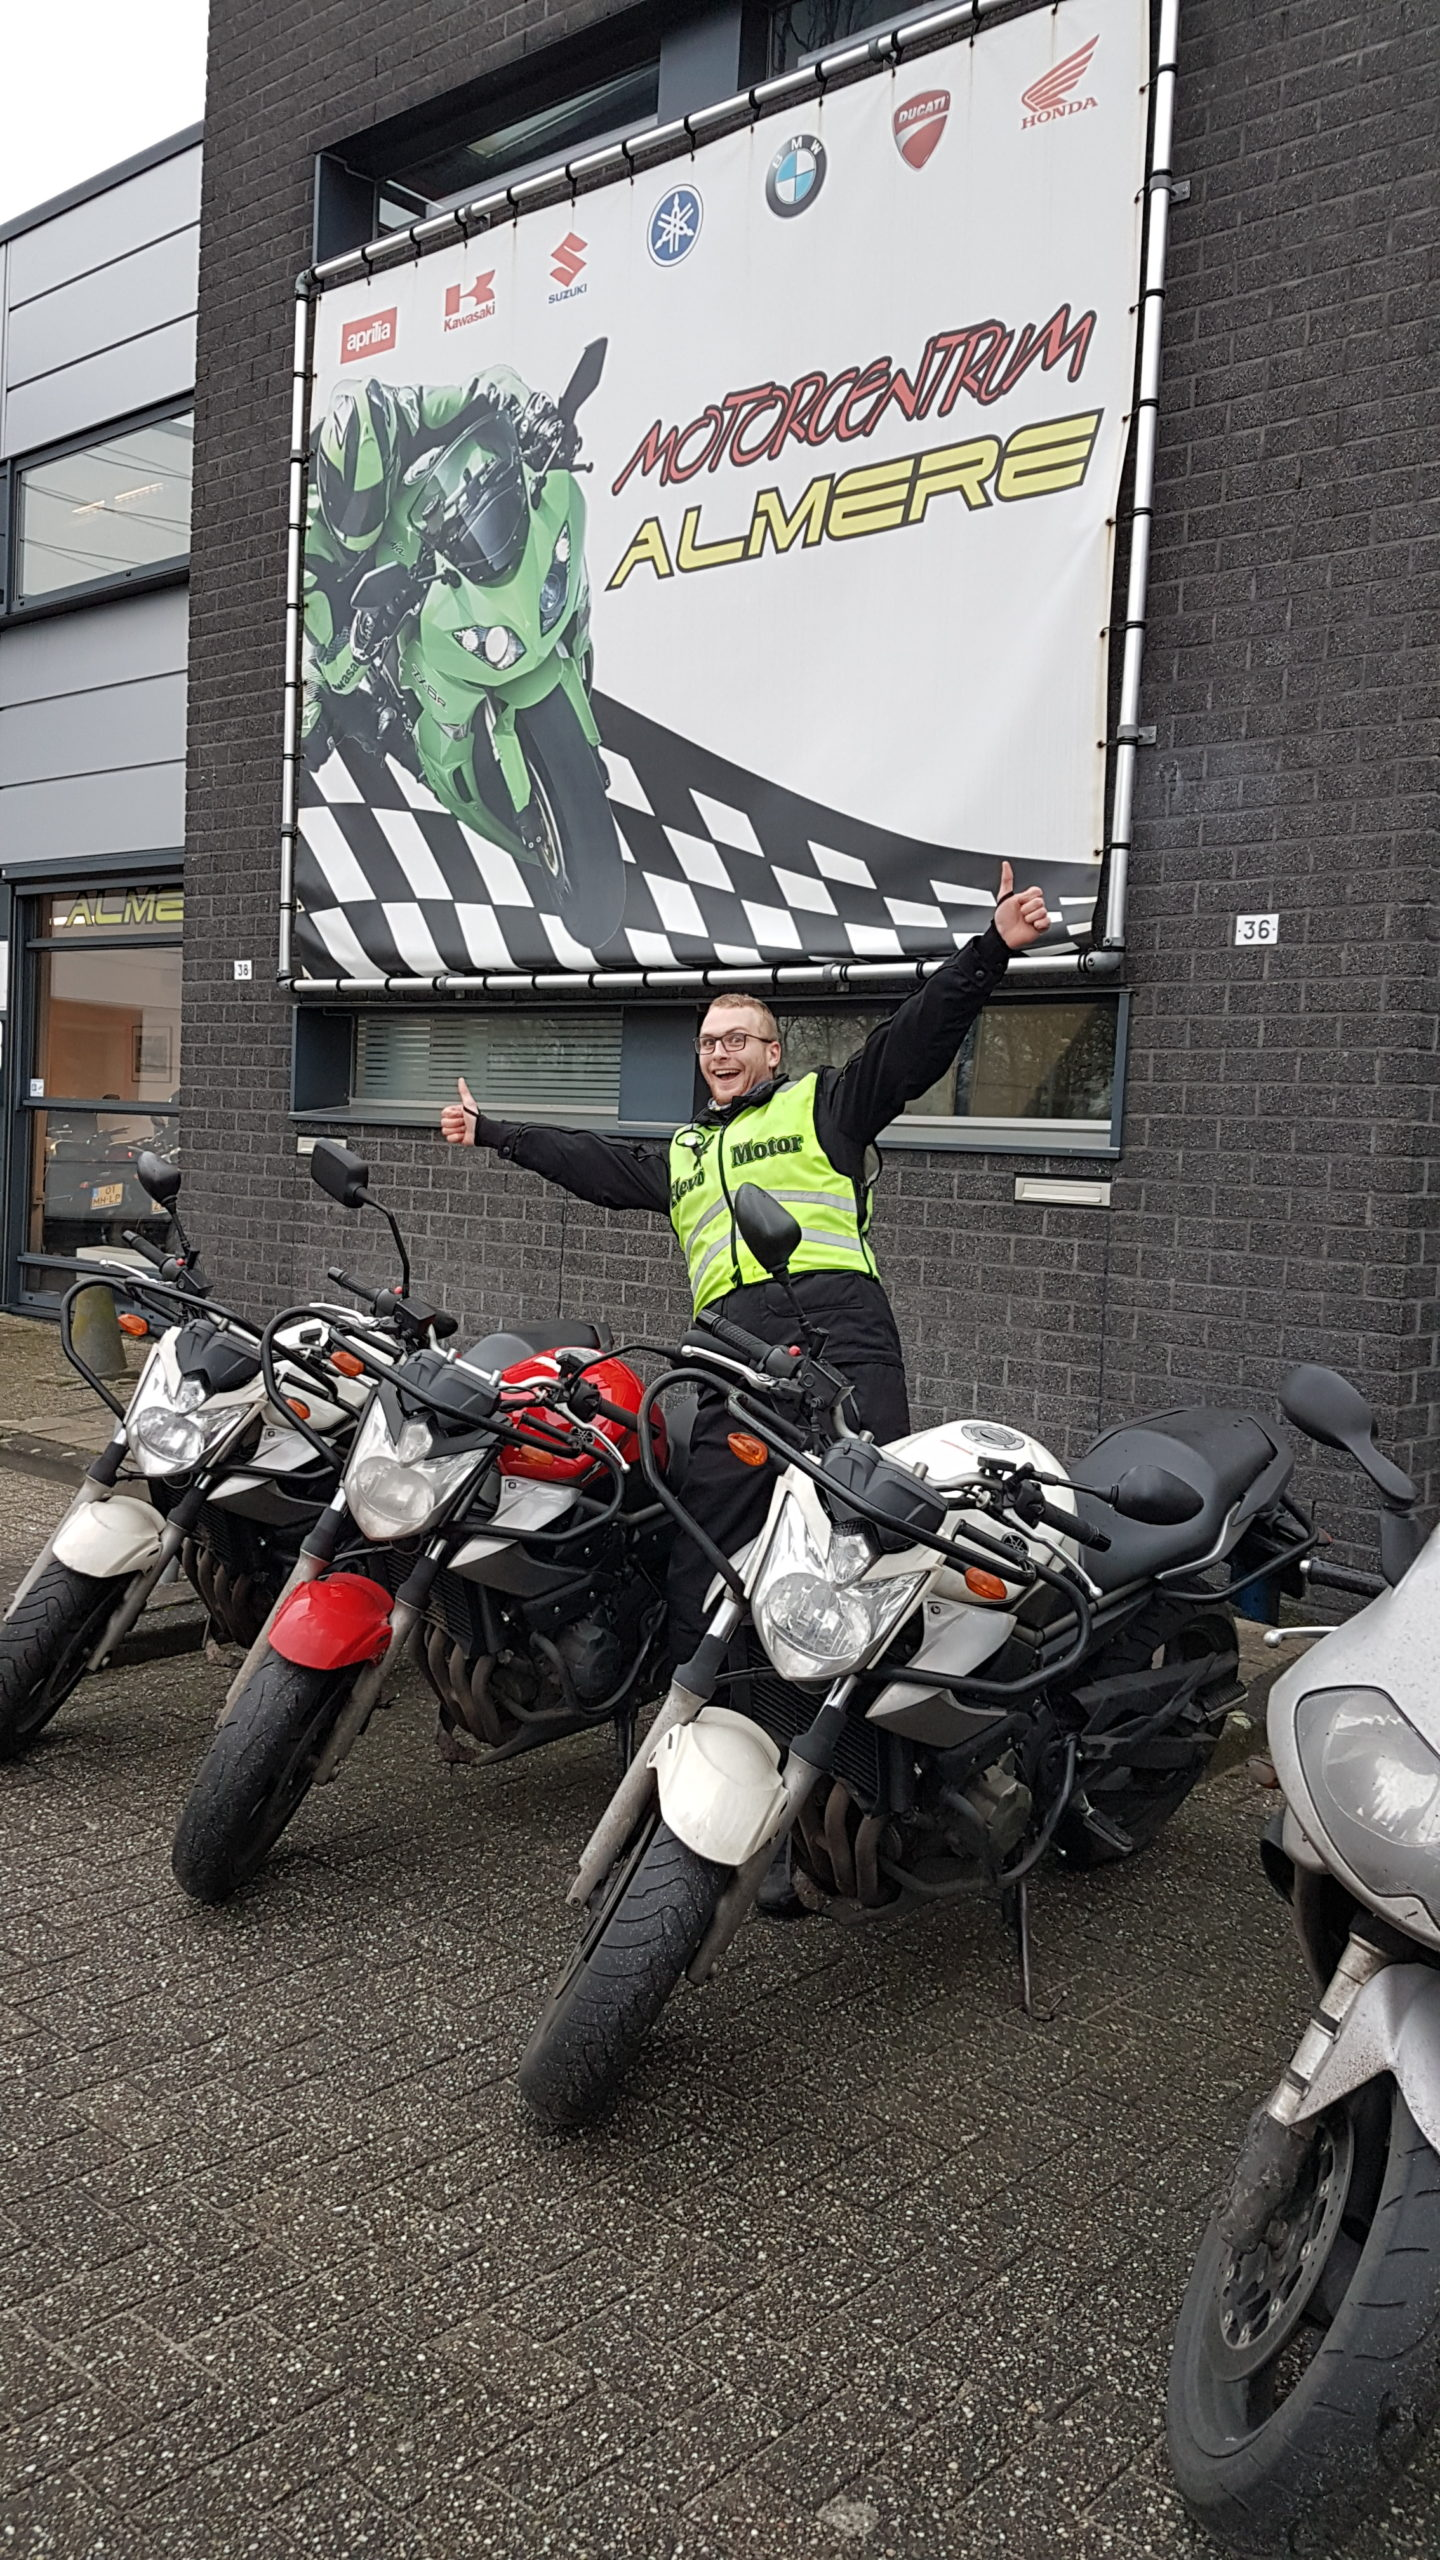 Je motorrijbewijs haal je bij de leukste motorrijschool uit Almere!  Meld je snel aan voor een kennismakingsles! En rij deze zomer op je eigen motor!